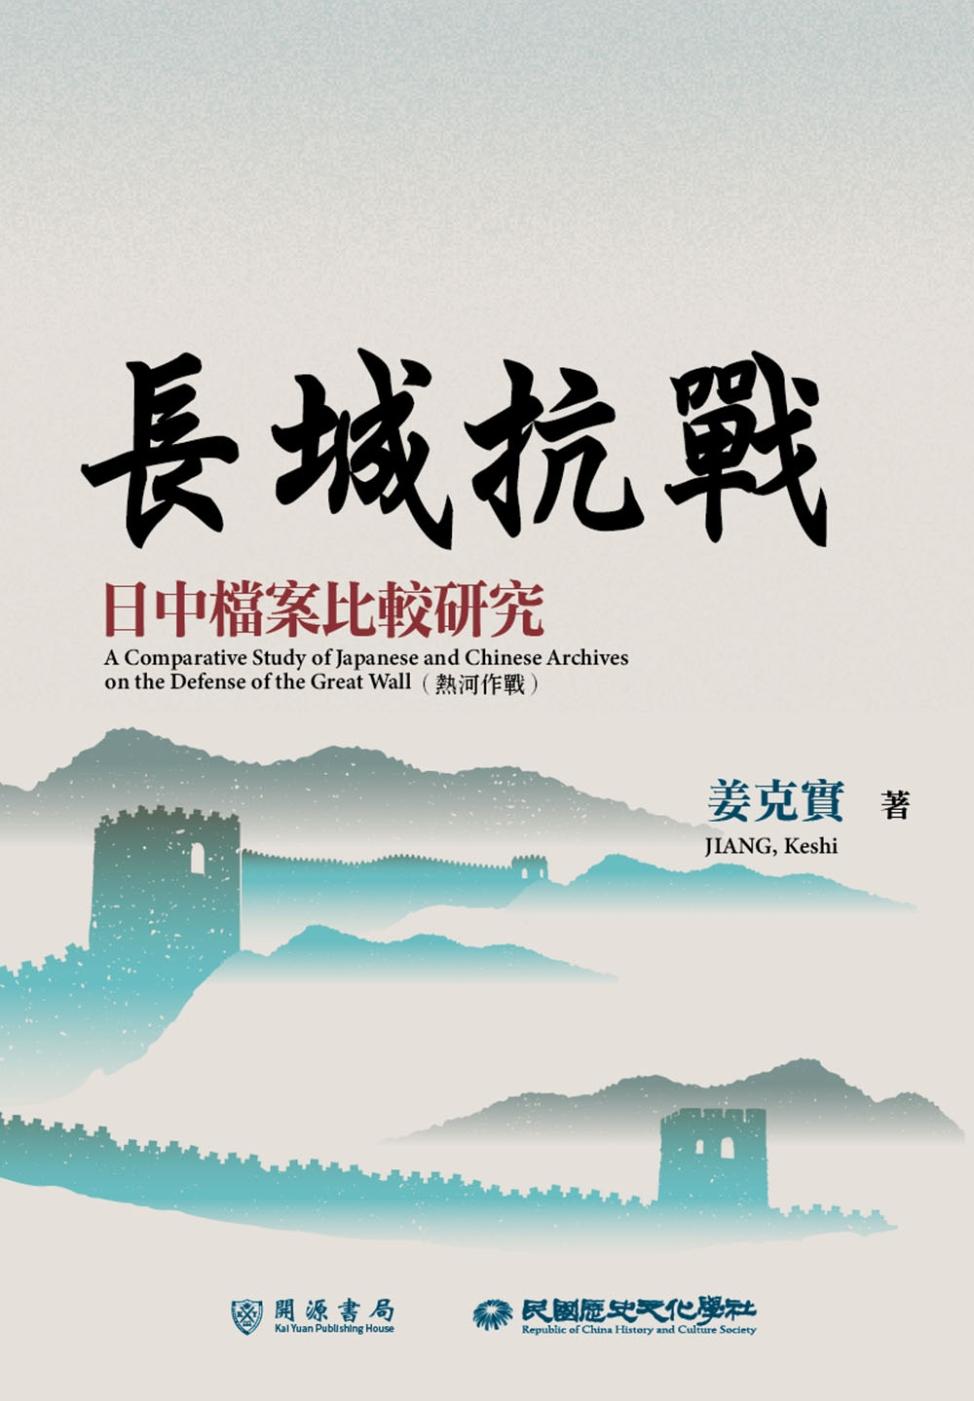 長城抗戰:日中檔案比較研究